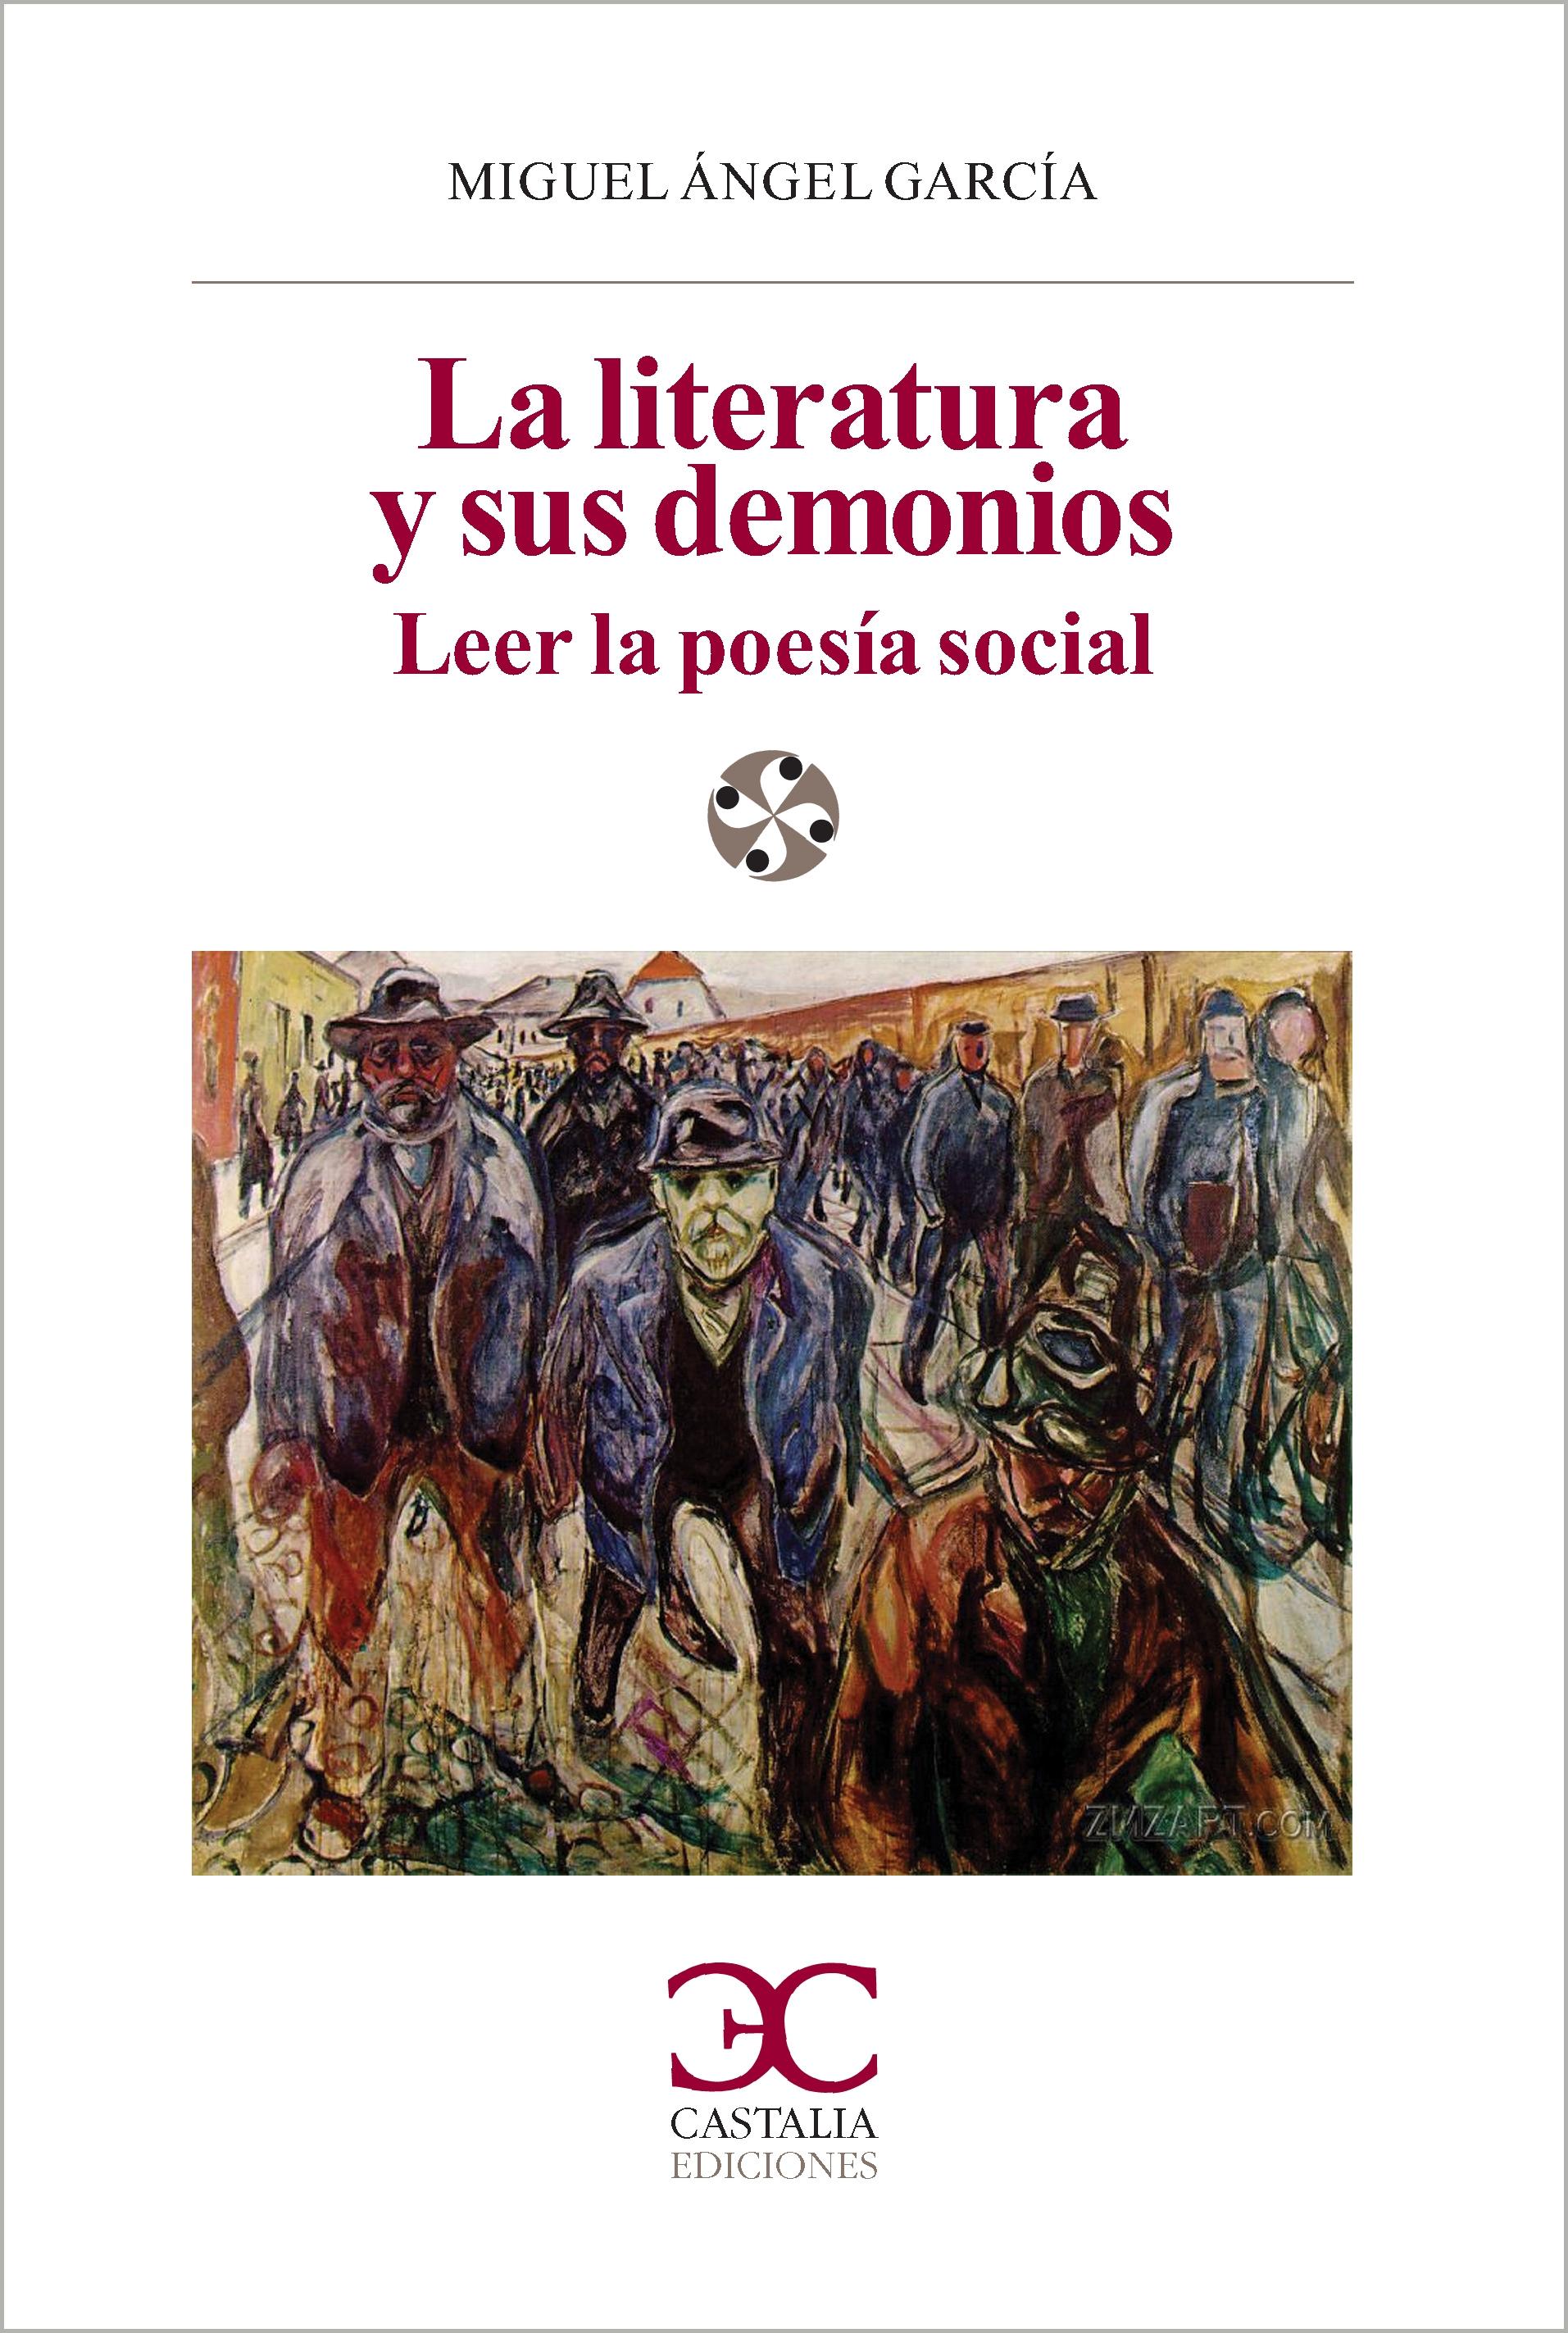 La literatura y sus demonios